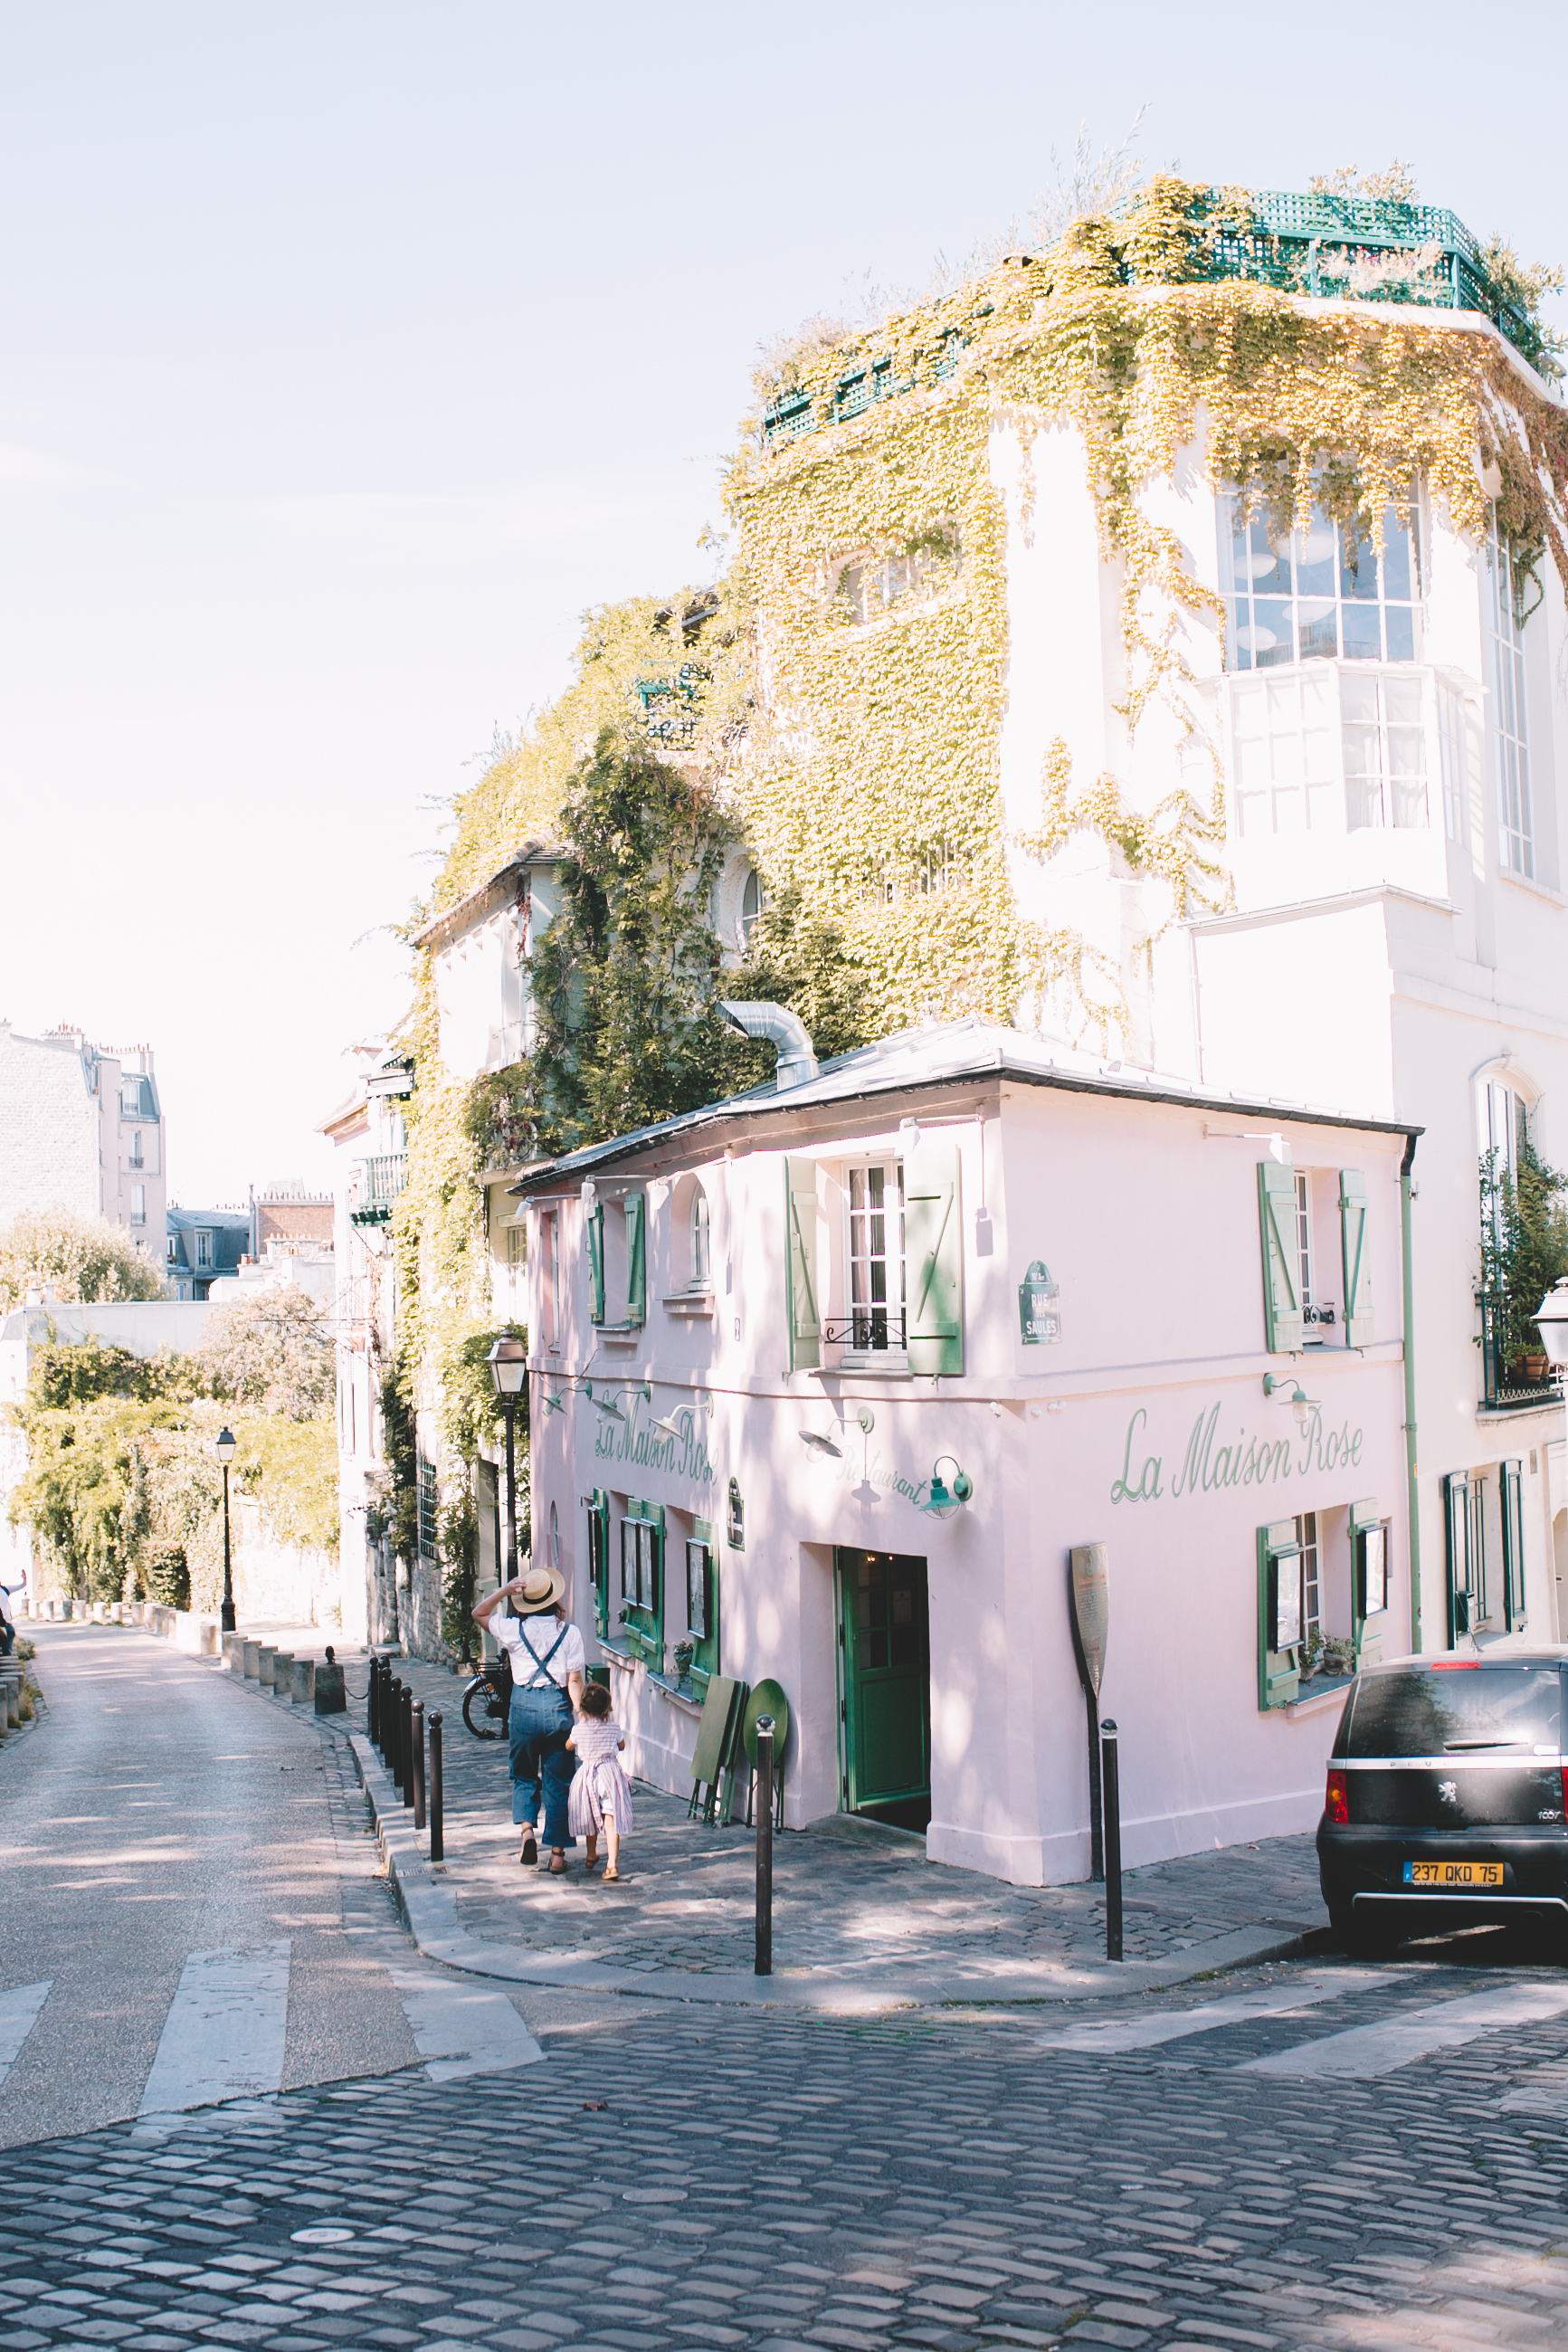 Montmartre La Maison Rose, Sacre-Coeur (35 of 52).jpg